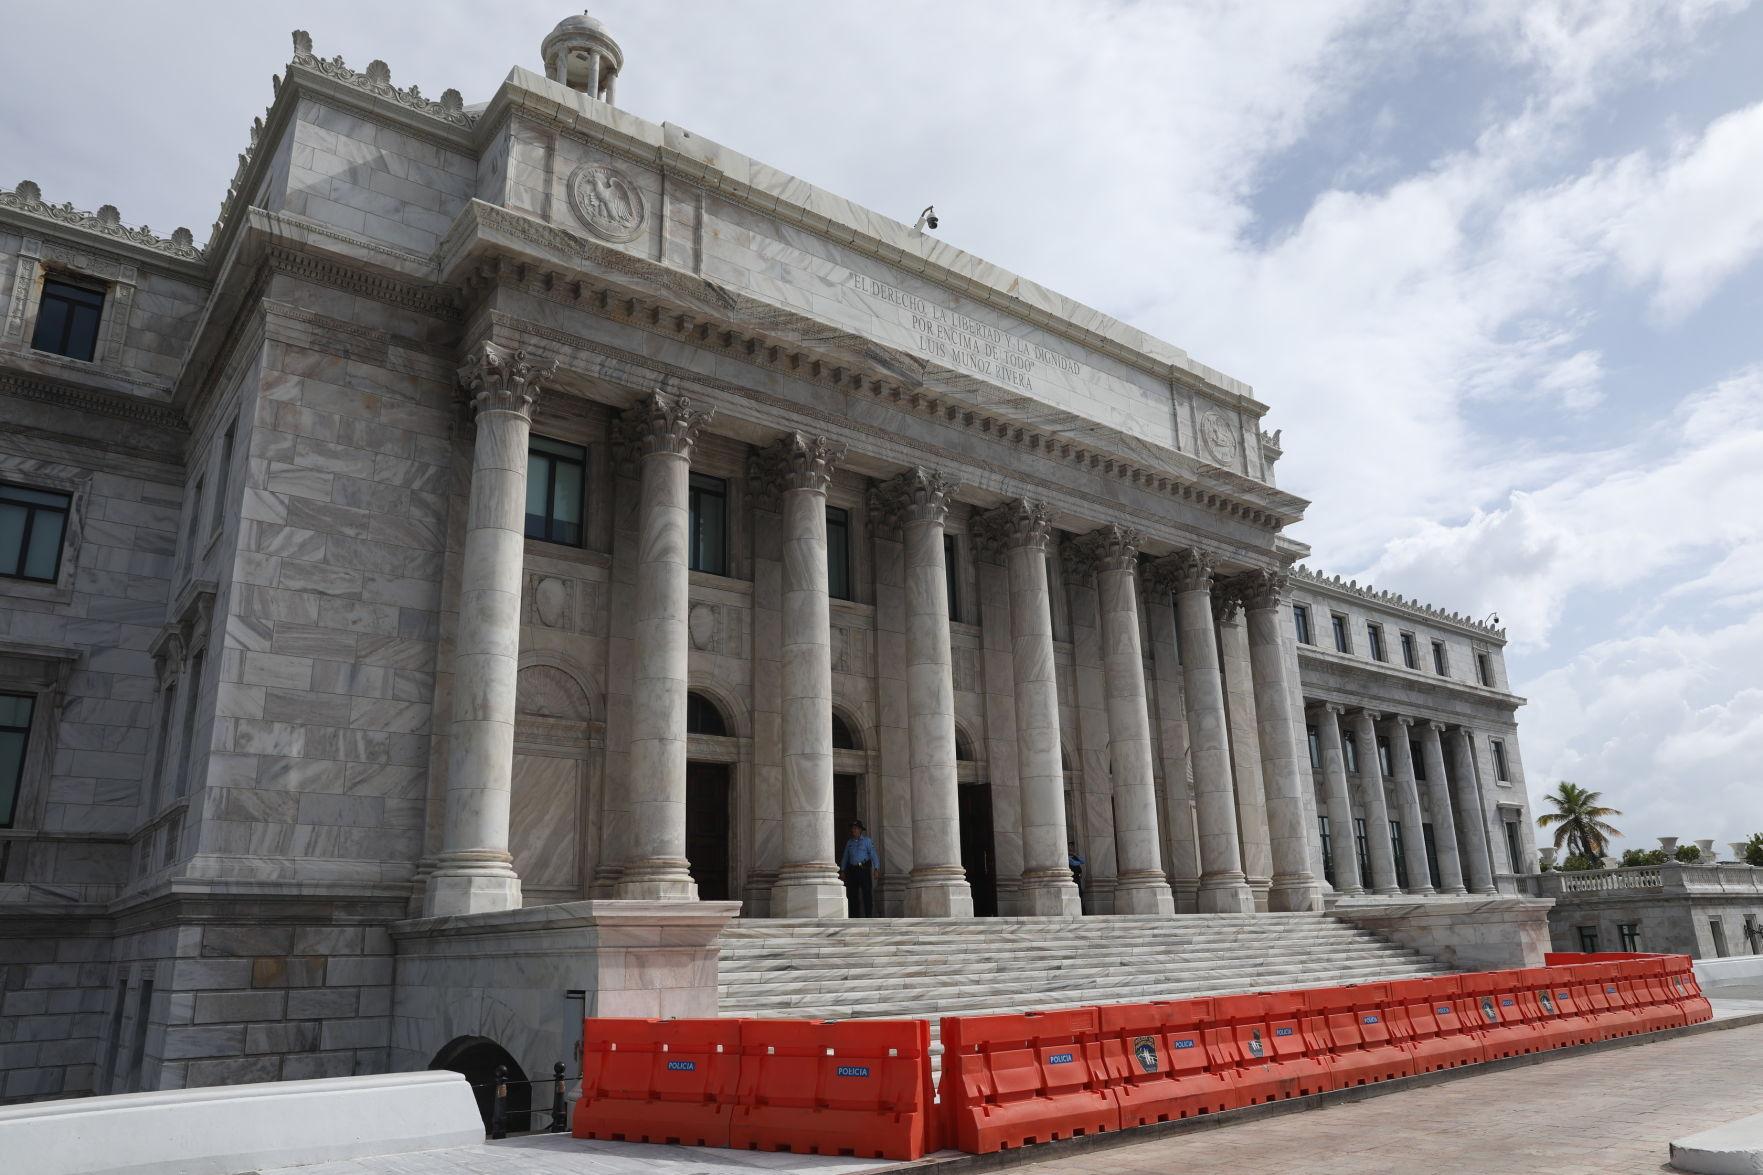 Sacan a periodistas y empleados del Capitolio